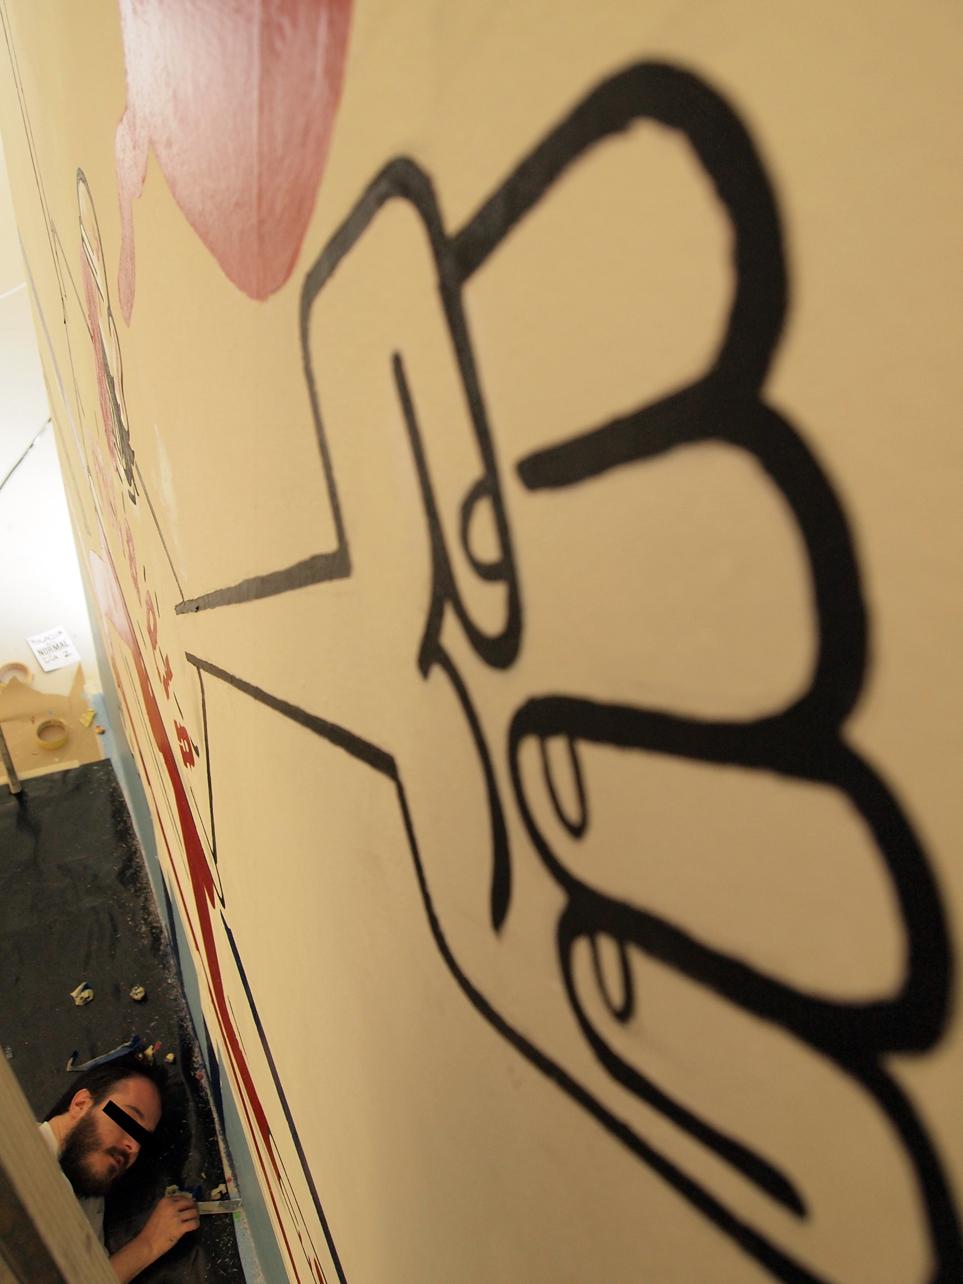 Canda aos autores de bd participan na mostra <i>Acción #1</i> os creadores de arte urbana Nin9 e Sr.X